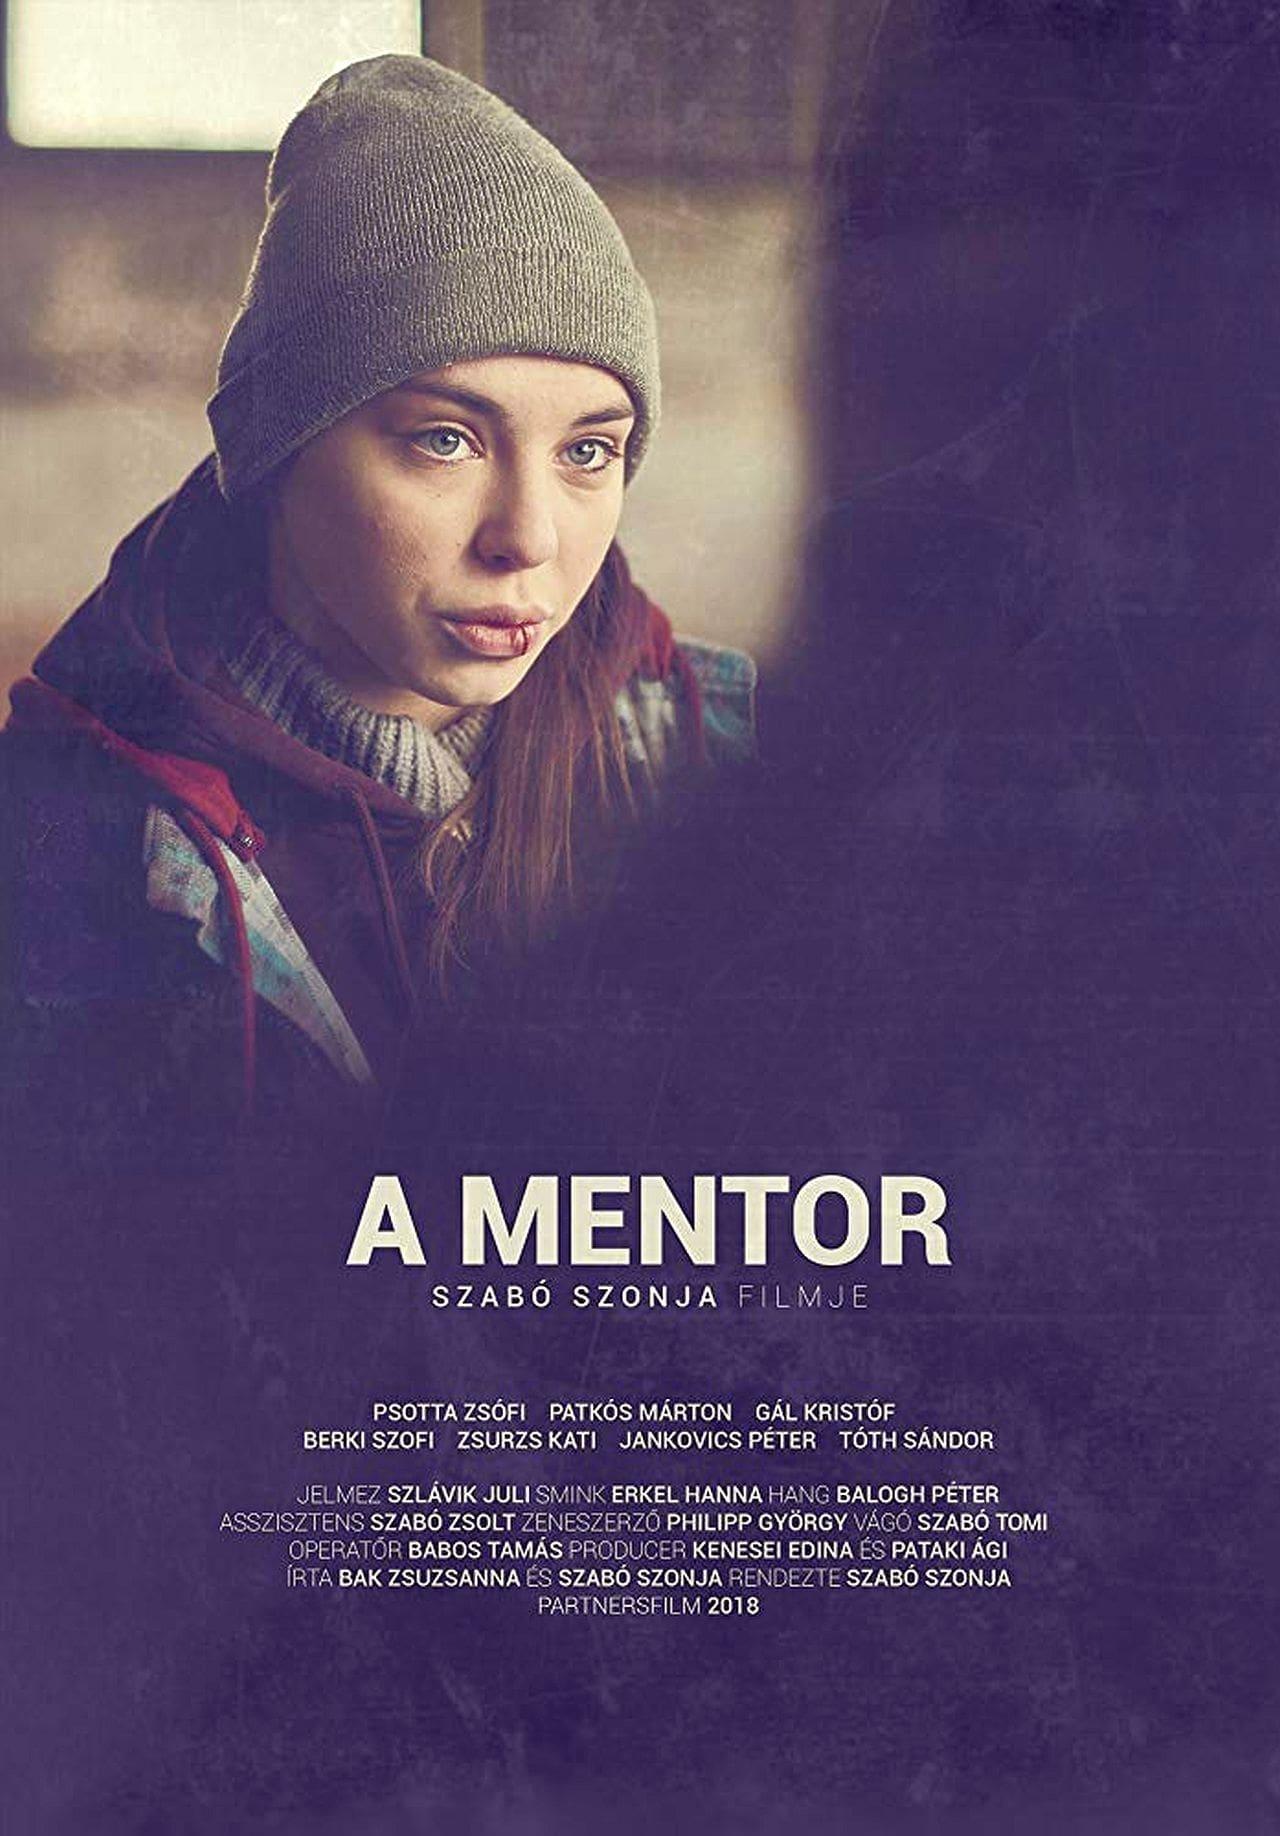 A mentor